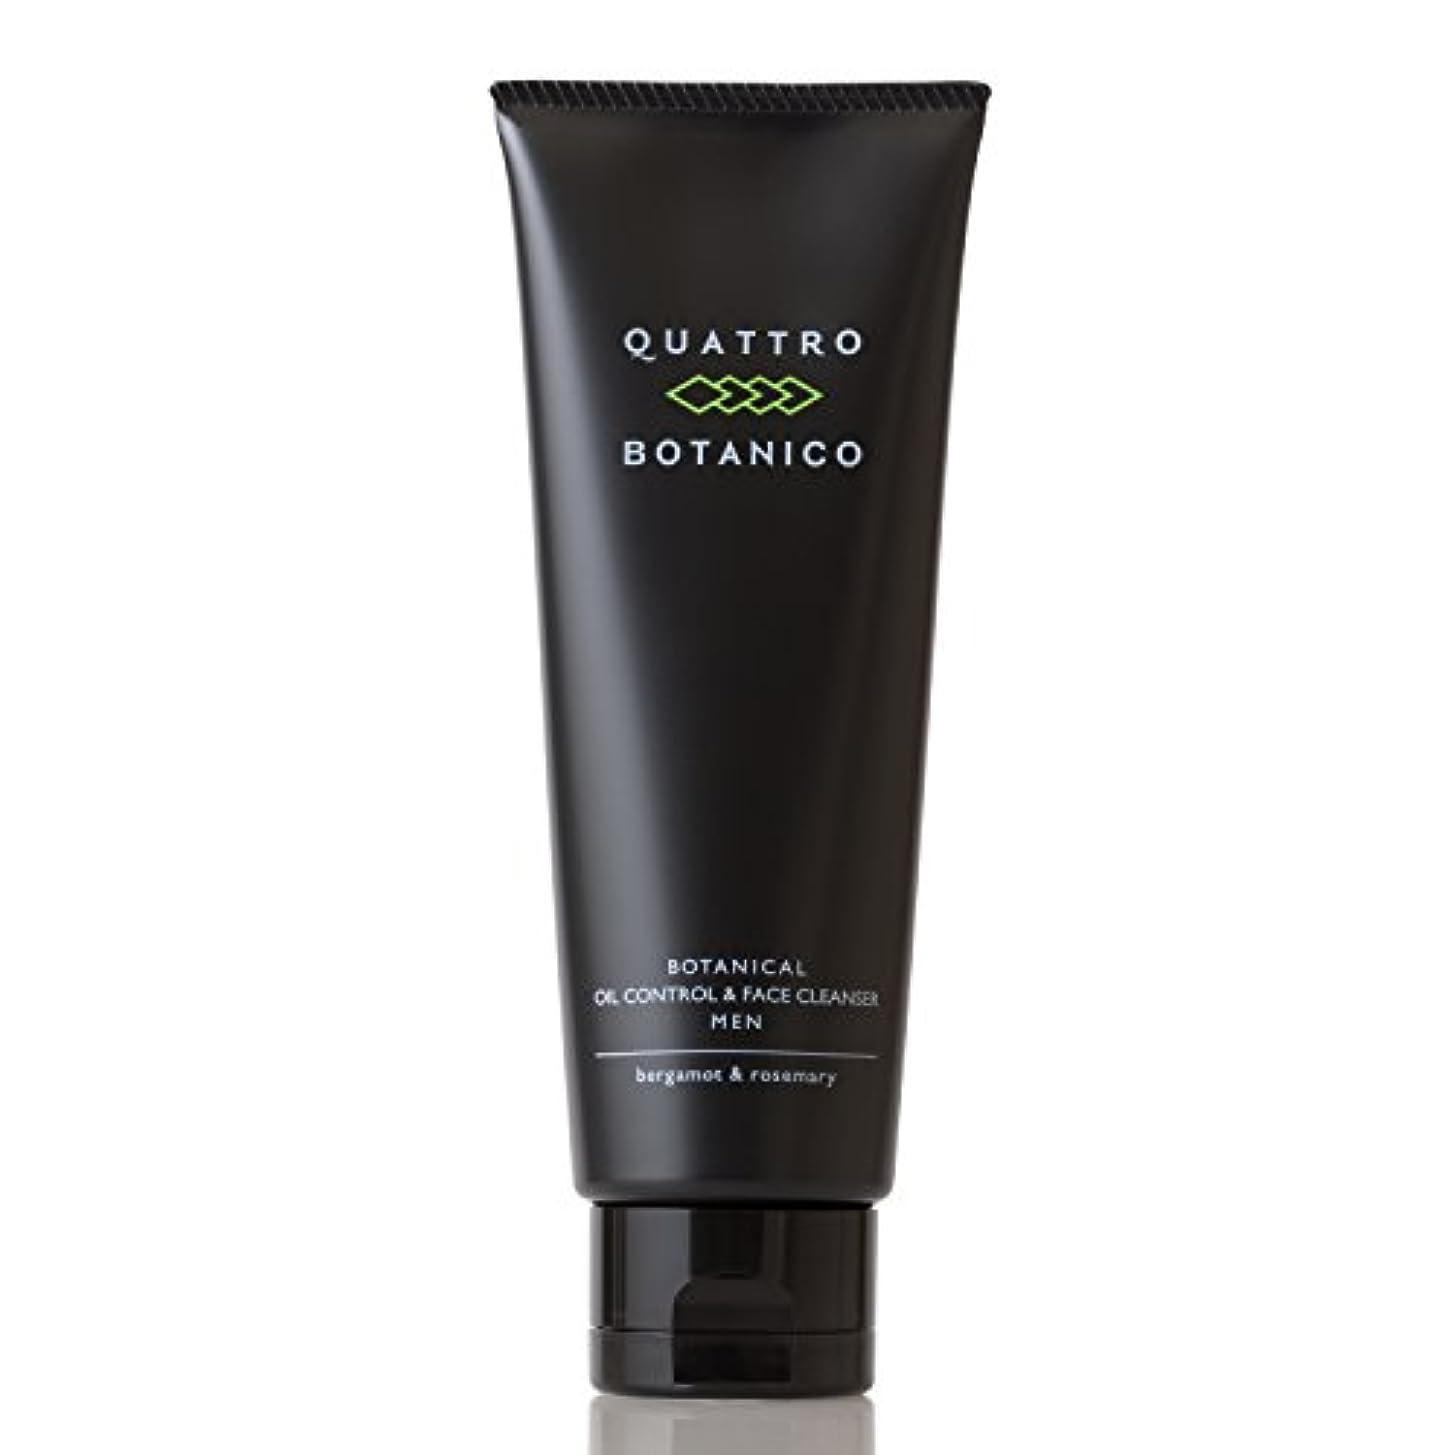 デコラティブ落胆するグレードクワトロボタニコ (QUATTRO BOTANICO) 【 メンズ 洗顔 】 ボタニカル オイルコントロール & フェイスクレンザー (男性 スキンケア) 男性用 洗顔クリーム 男 皮脂 テカリ